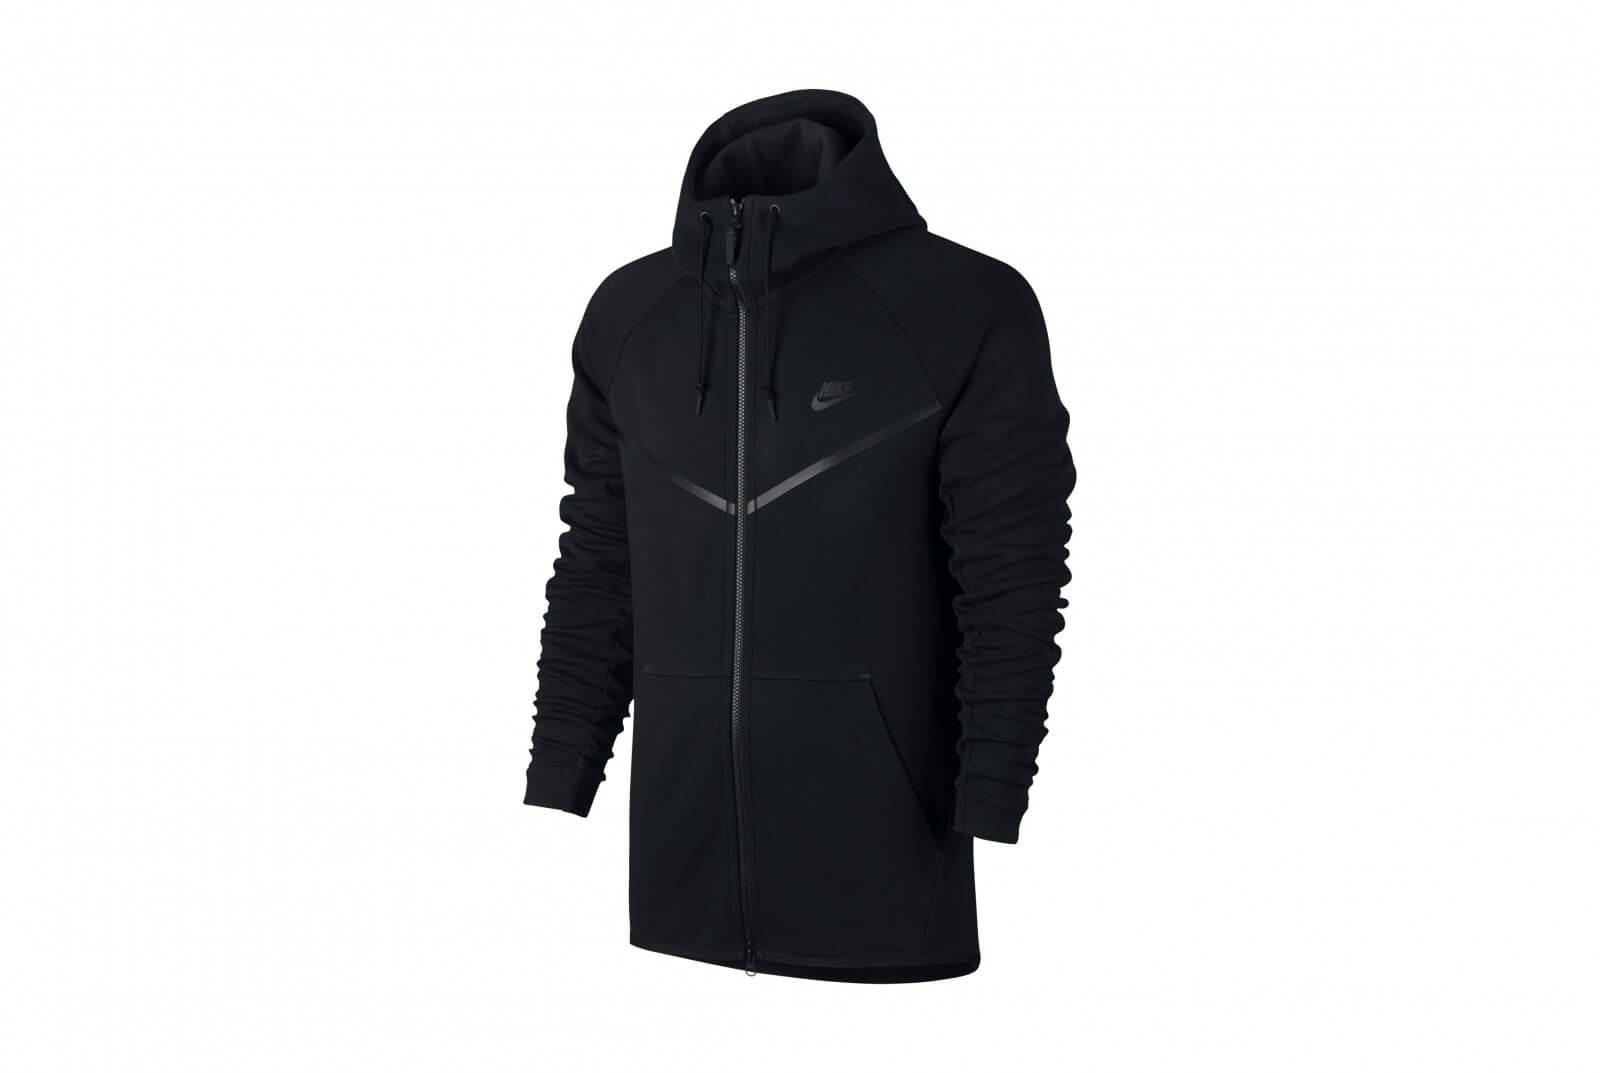 Nike Sportswear Tech Fleece Windrunner Hoodie BlackBlack 805144 010